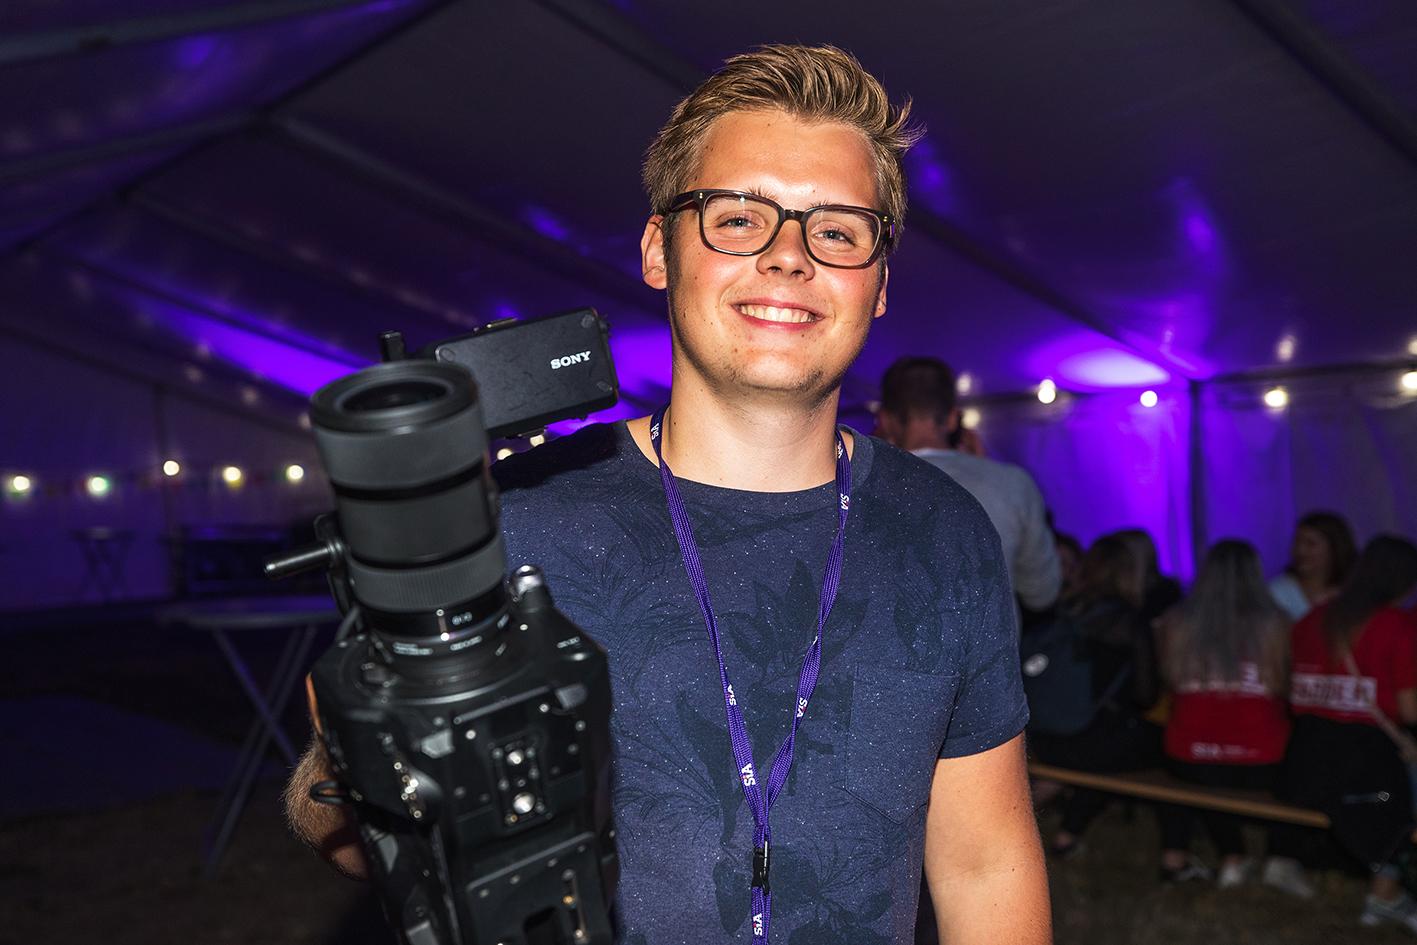 GRÜNDER: Fredrik Opheim, Som Er Tidligere Gründer Av Filmproduksjonsselskapet Batfis,h Er Nå I Gang Nytt Prosjekt. FOTO: Markus Hausevik Johnsen